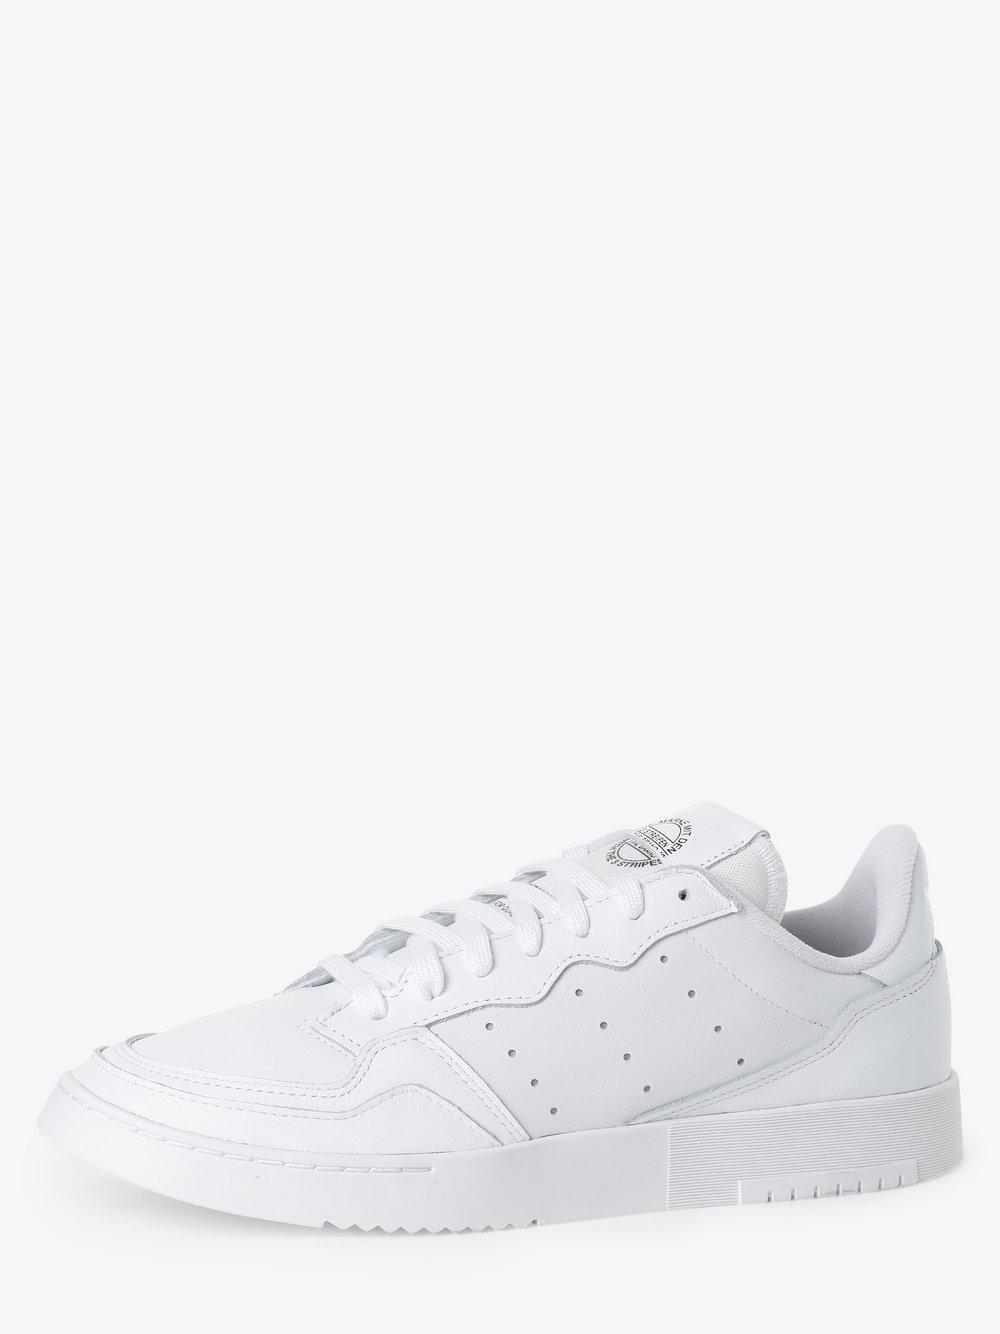 adidas Originals - Damskie tenisówki ze skóry – Supercourt, biały